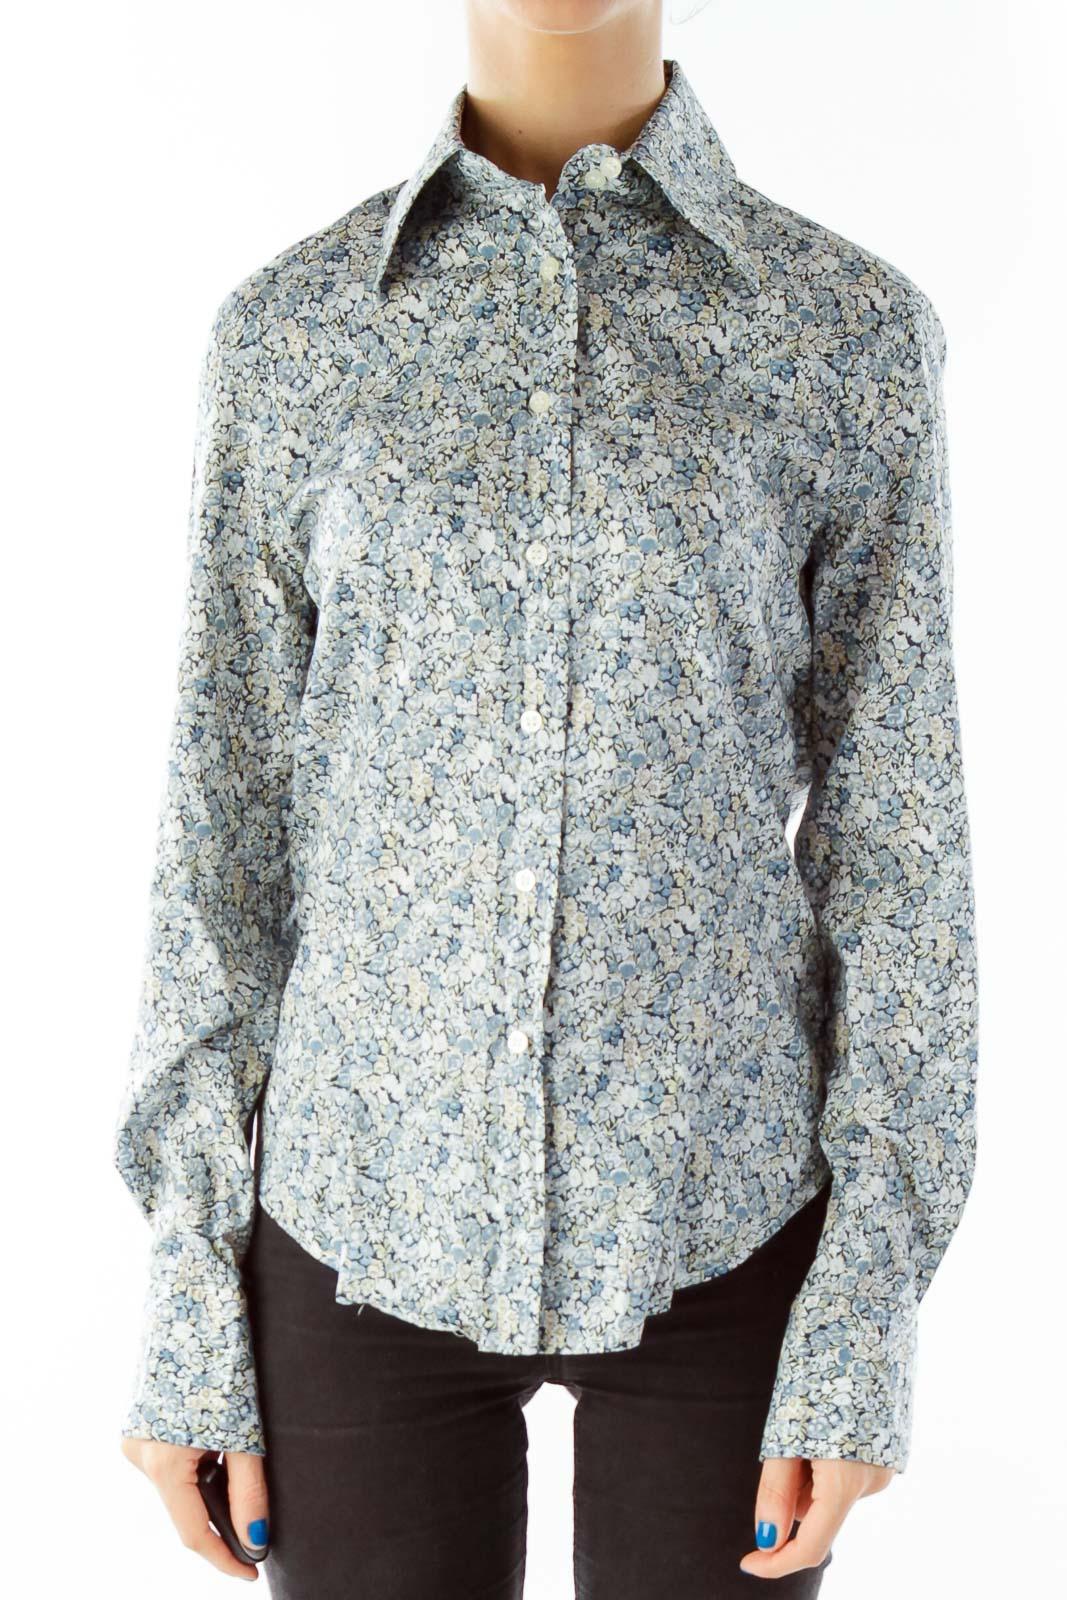 Blue Flower Print Shirt Front